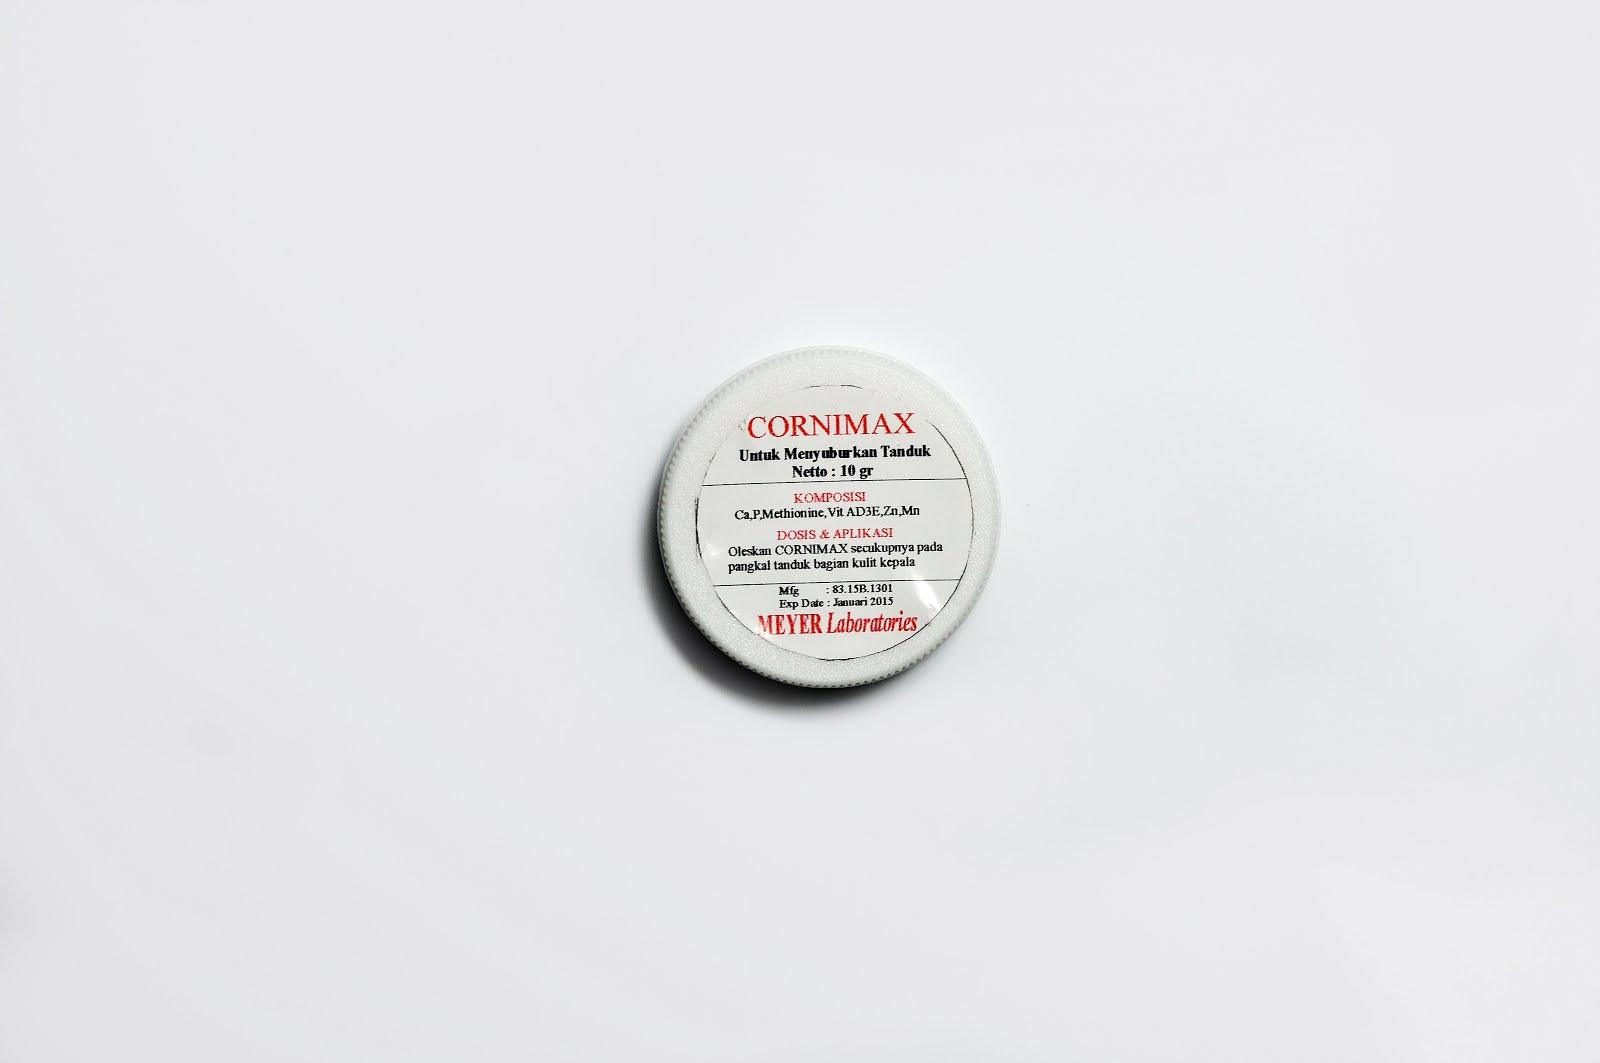 Cornimax (Penumbuh Tanduk)